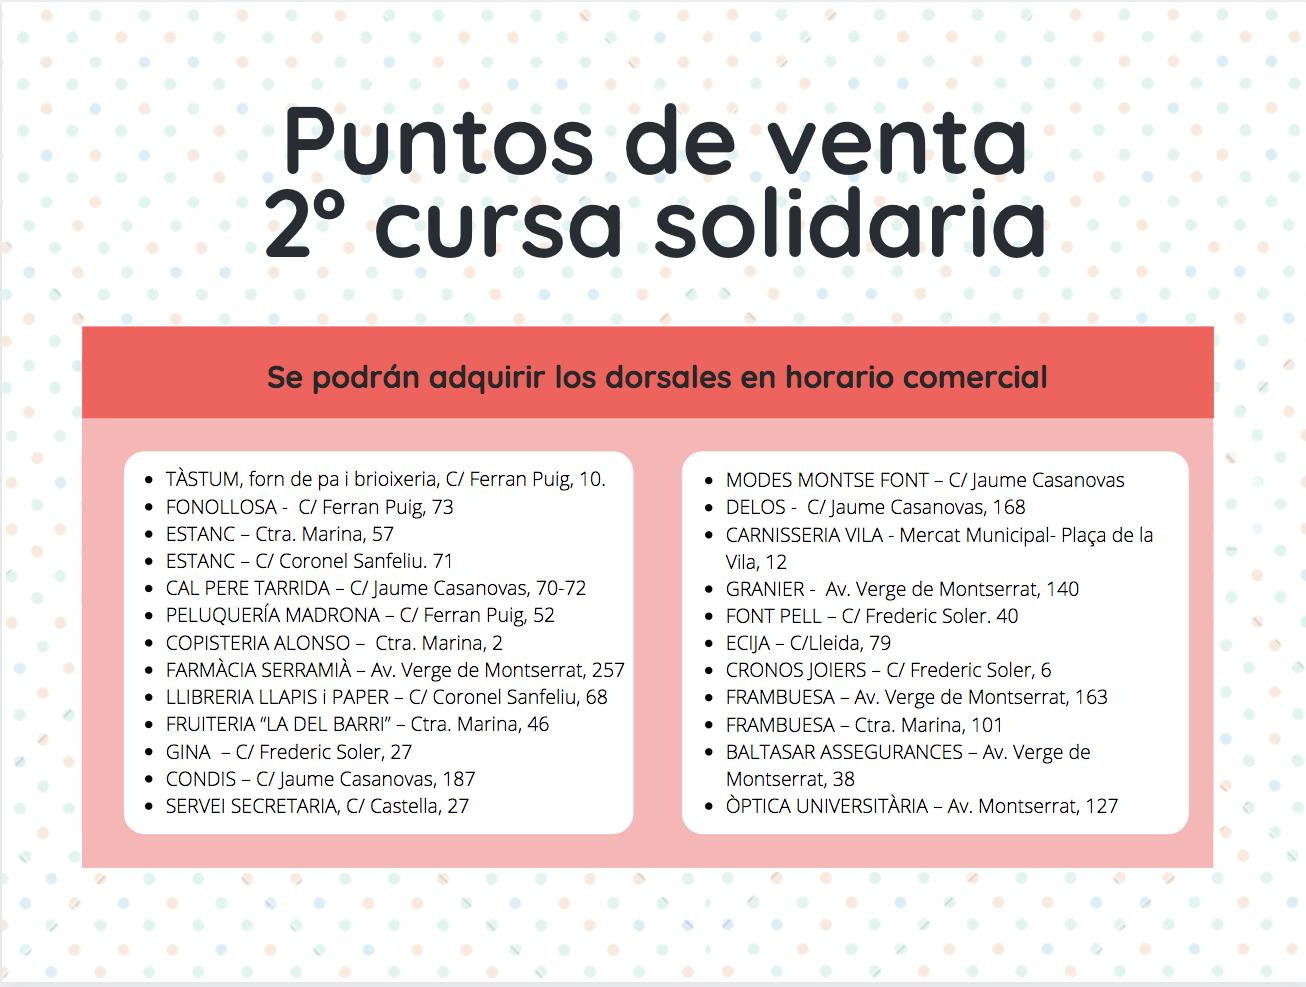 La segunda cursa solidaria de El Prat será virtual por las restricciones del covid-19